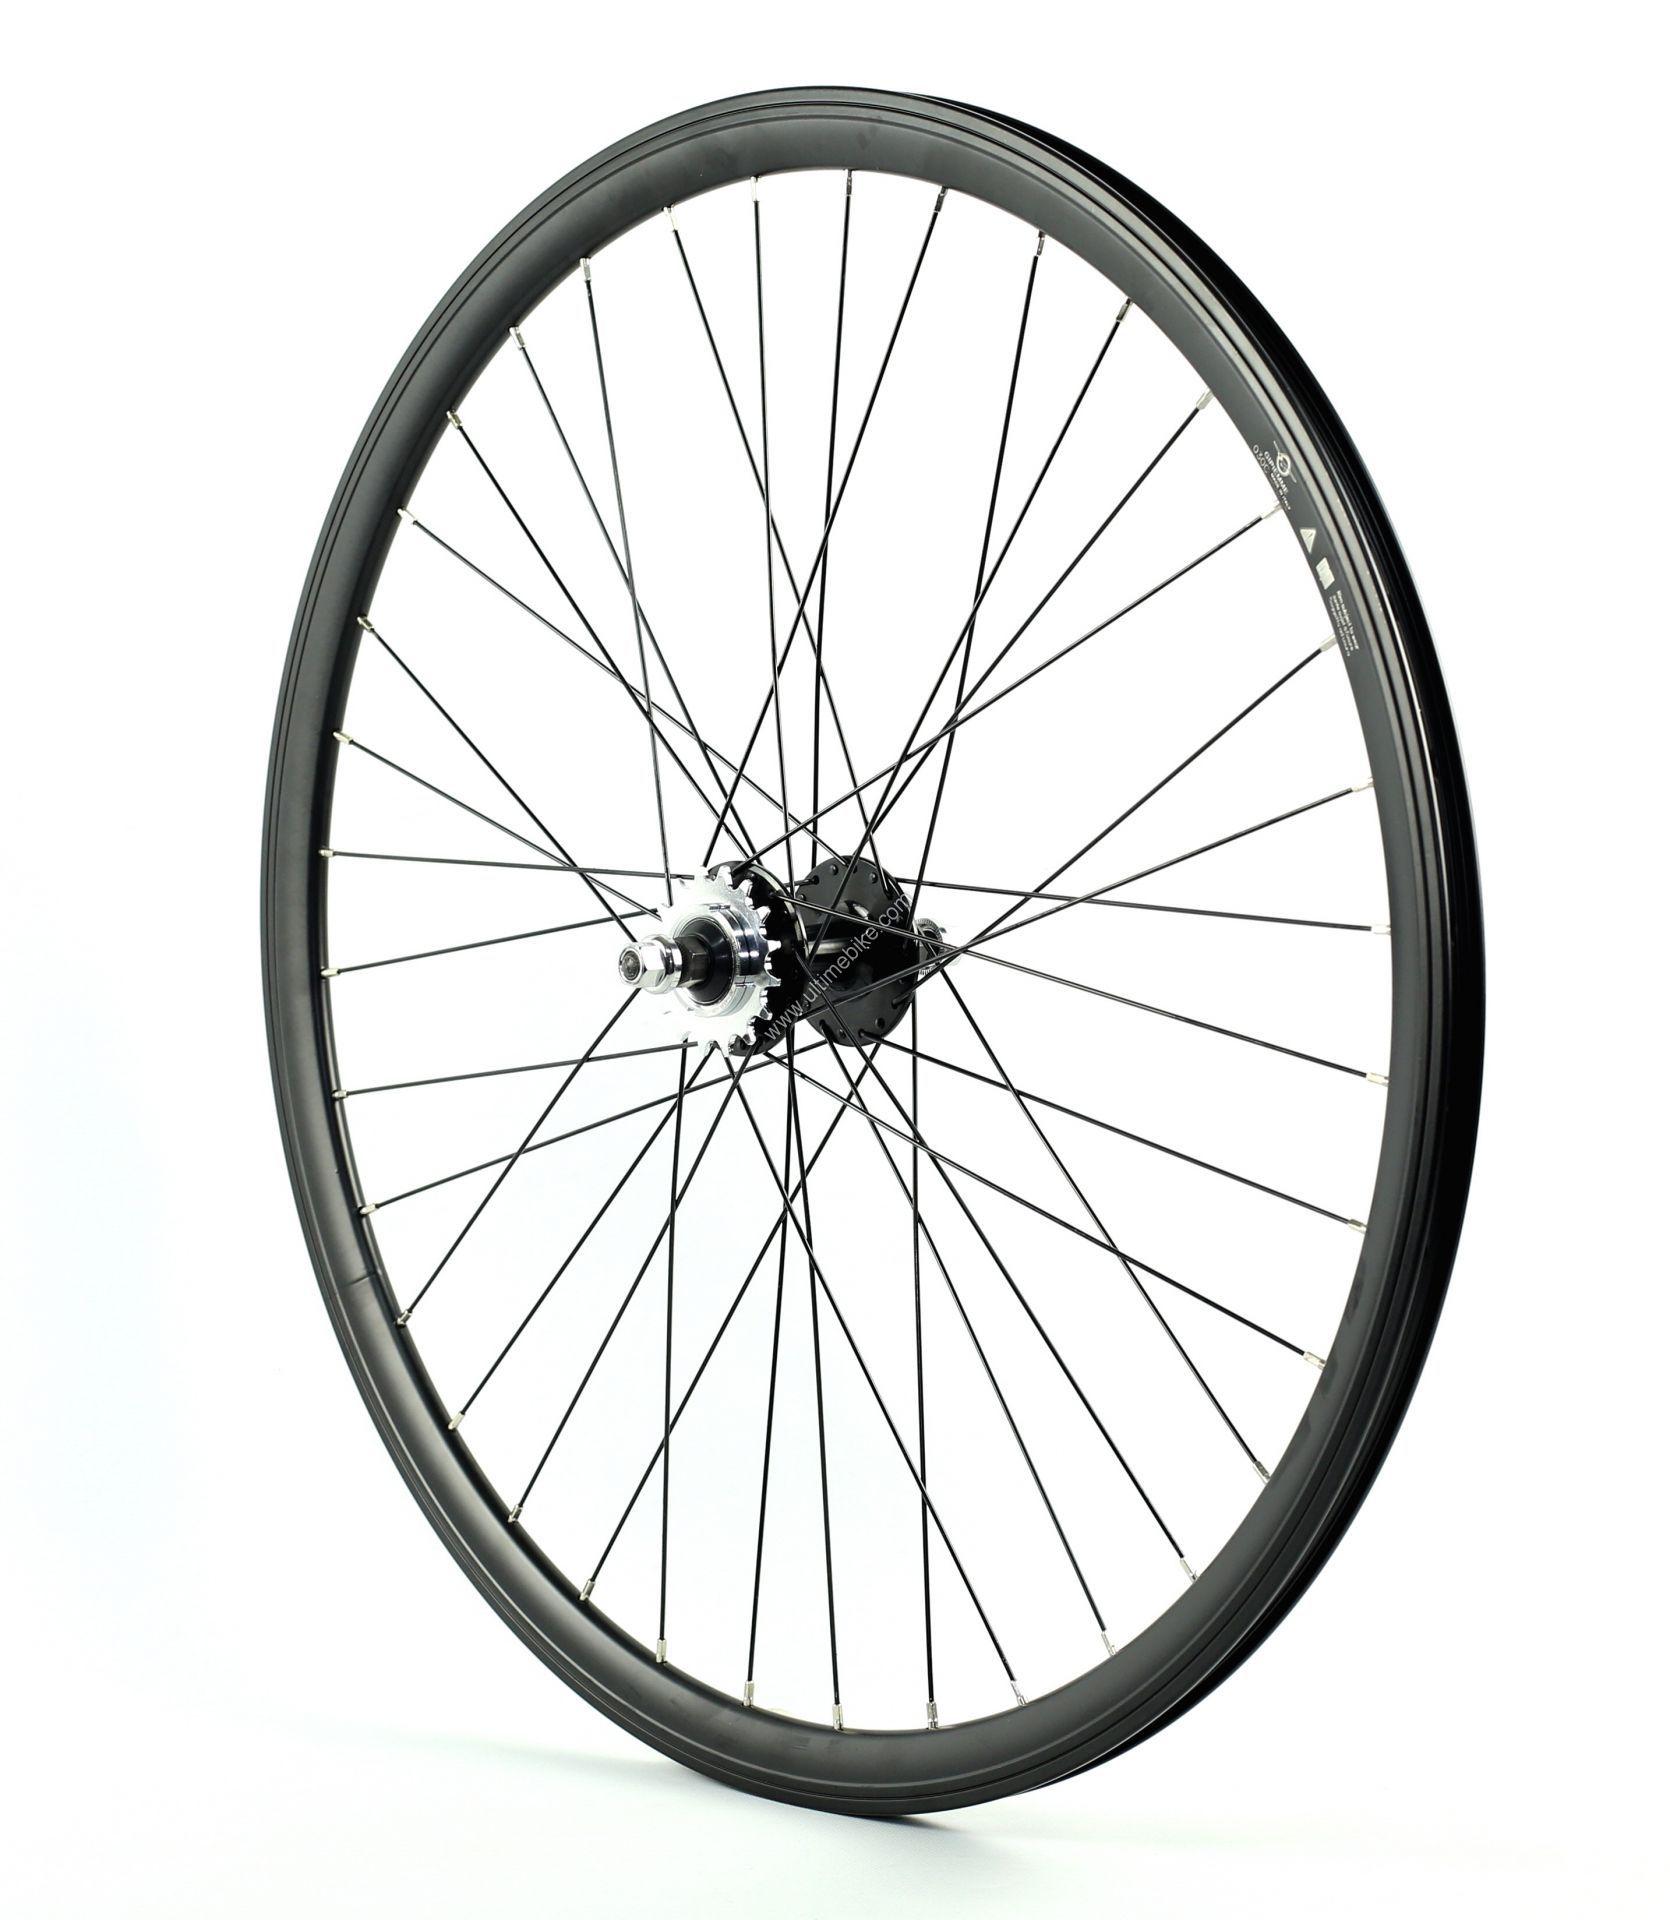 roues et pneus v lo ville equipement v lo pas cher sur ultime bike. Black Bedroom Furniture Sets. Home Design Ideas